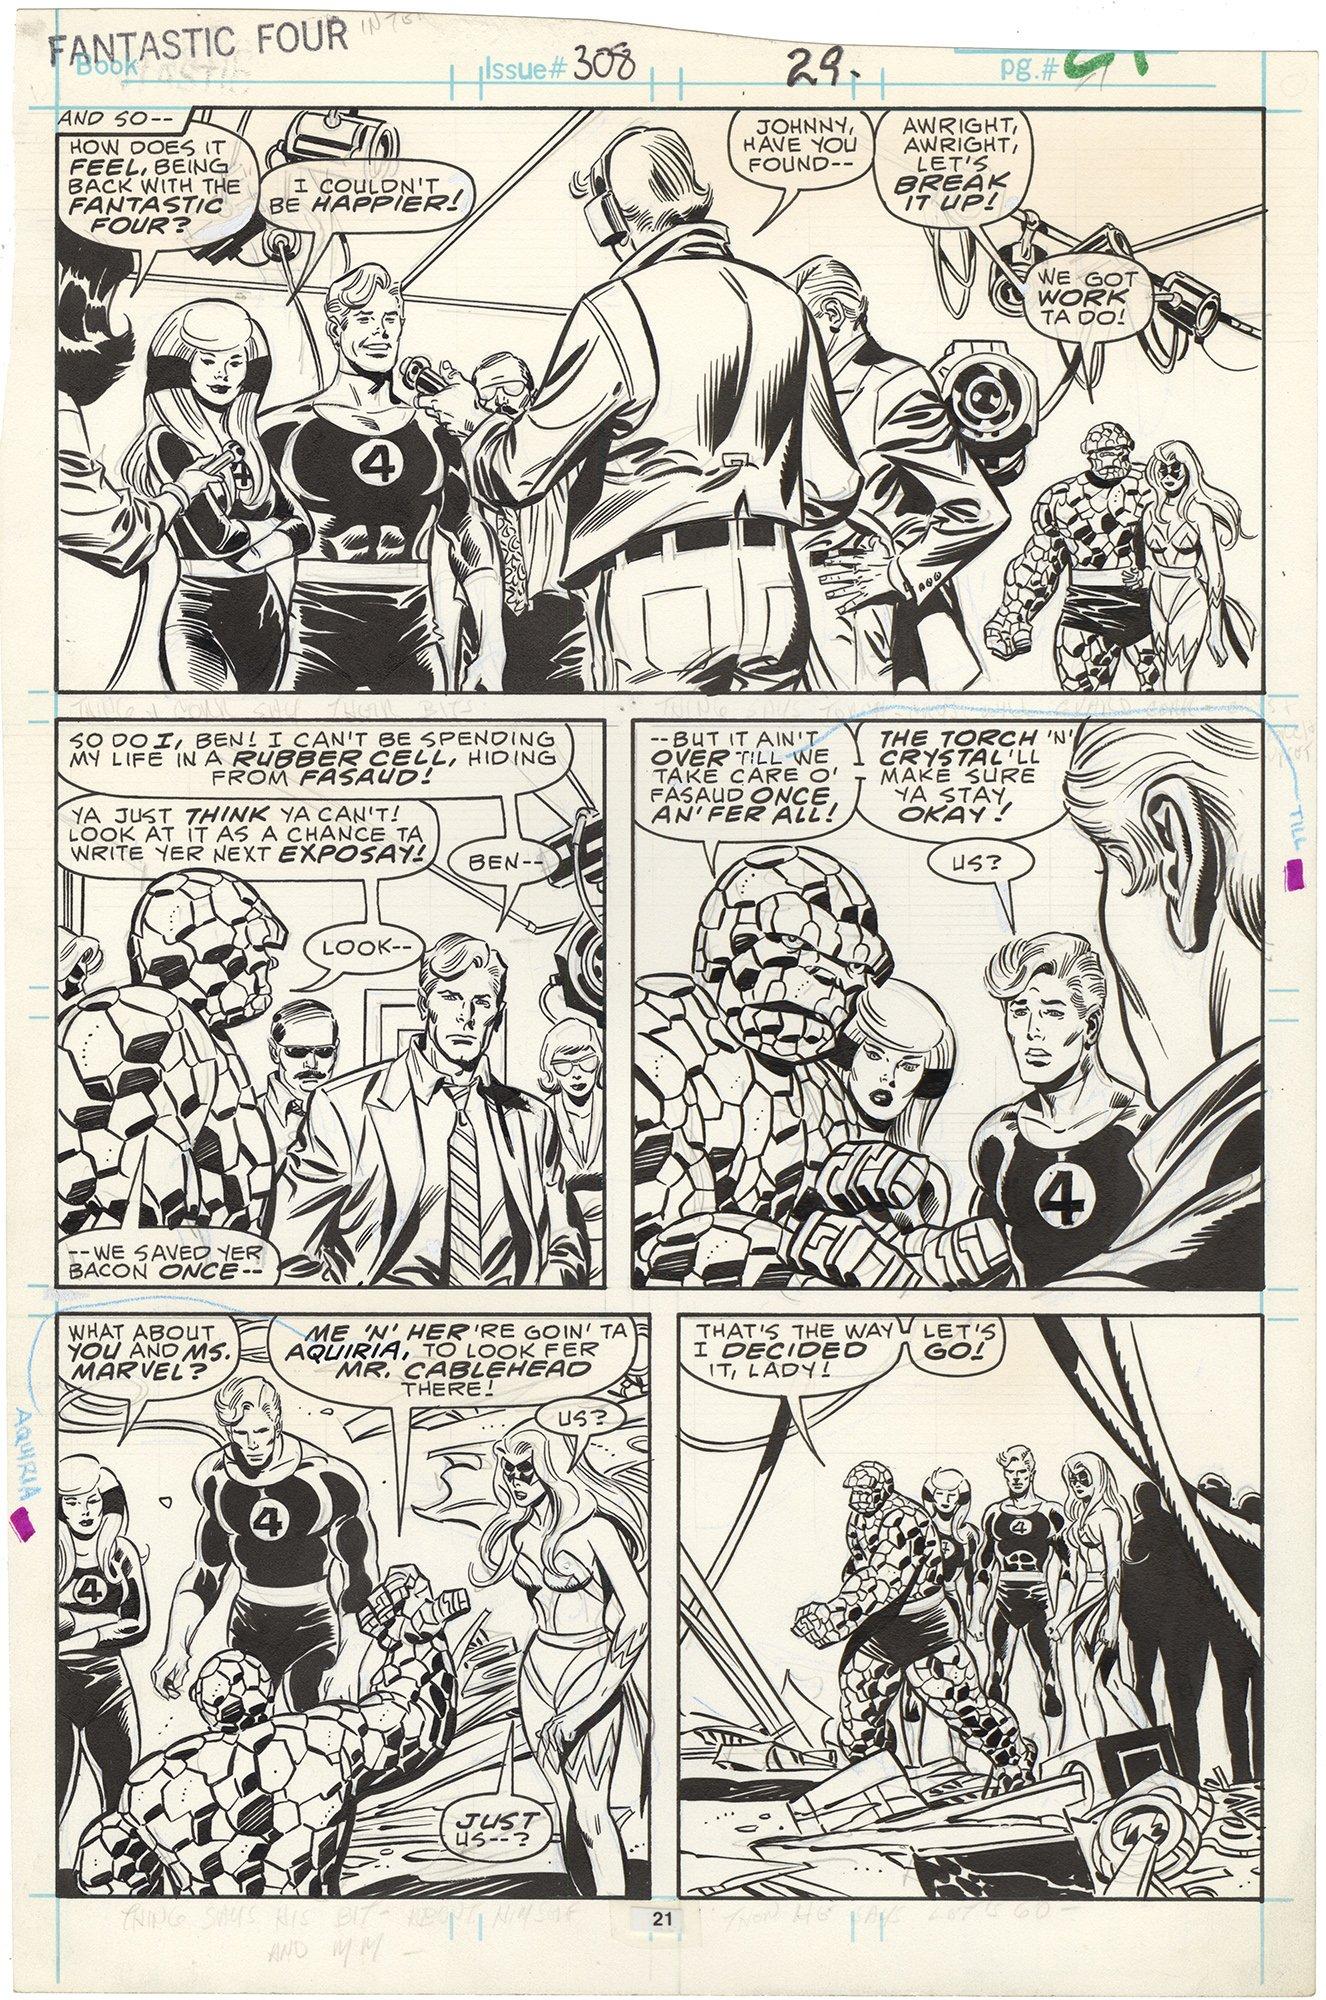 Fantastic Four #308 p21